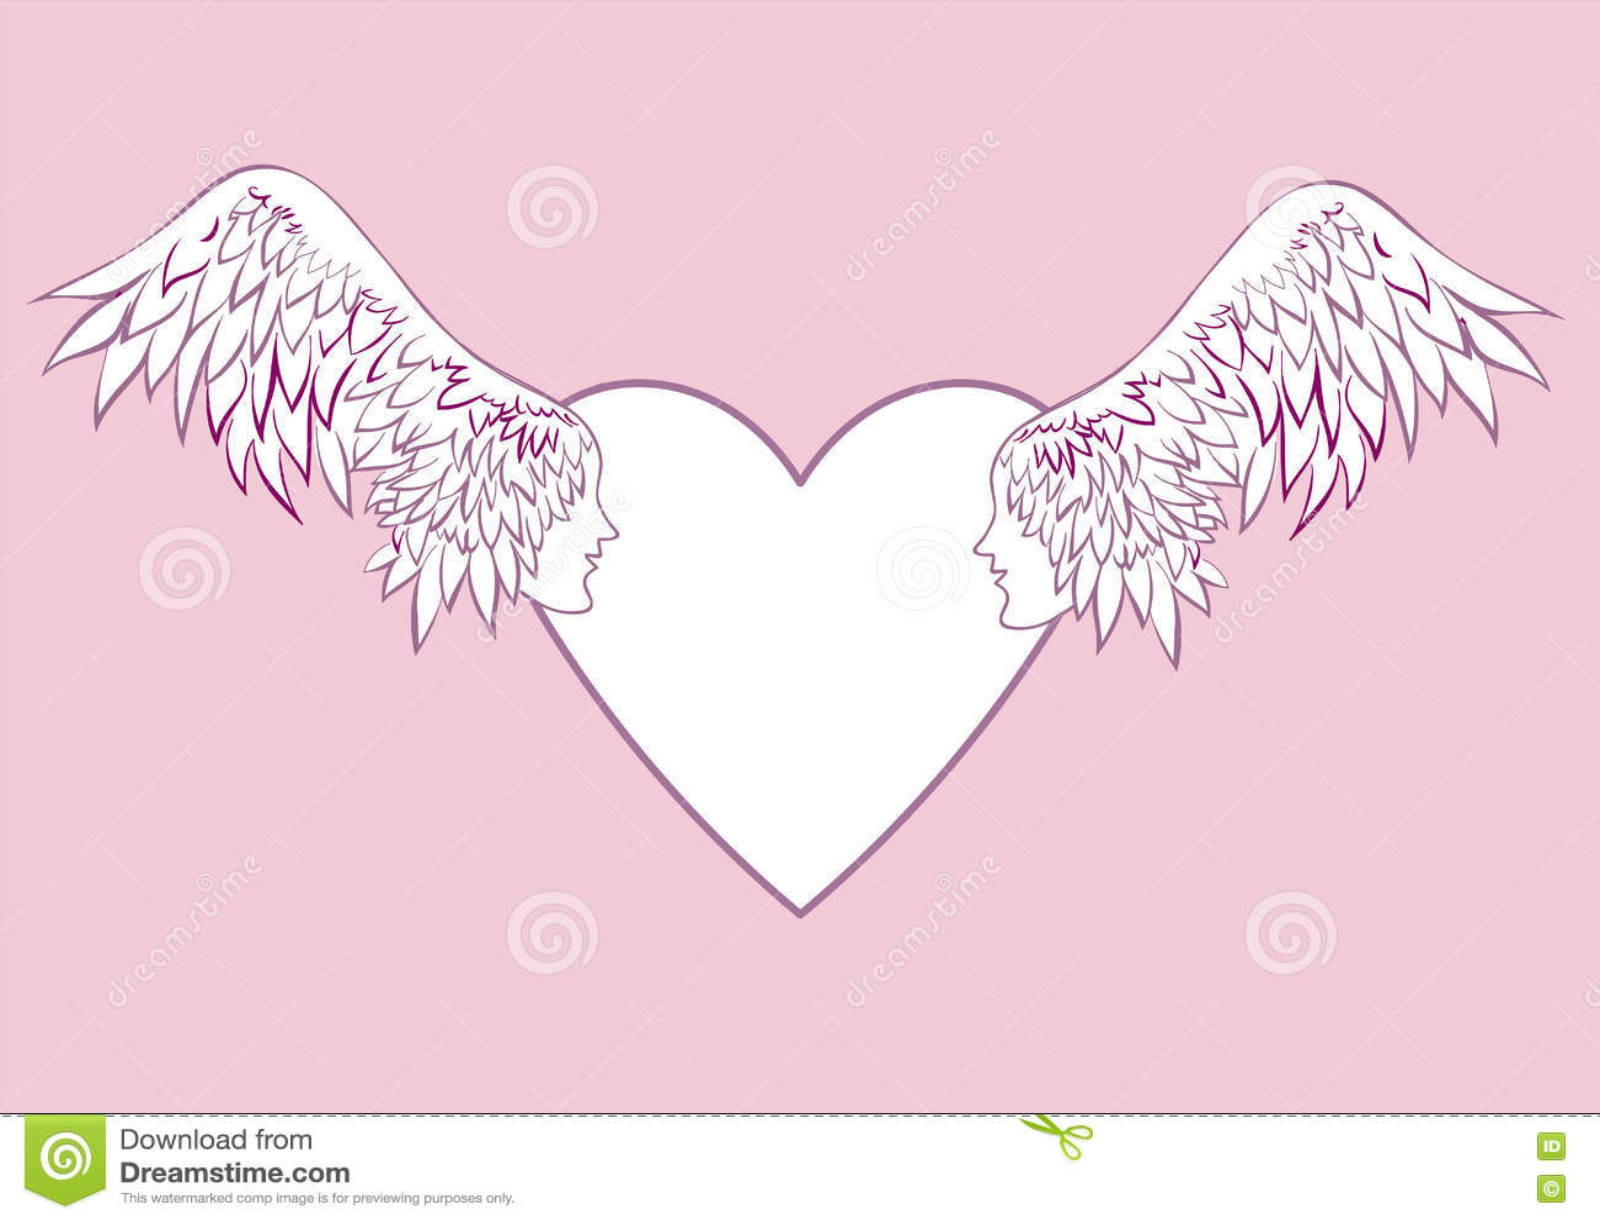 Engel Beflügelt Mit Einem Menschlichen Gesicht Im Rahmen In Form ...